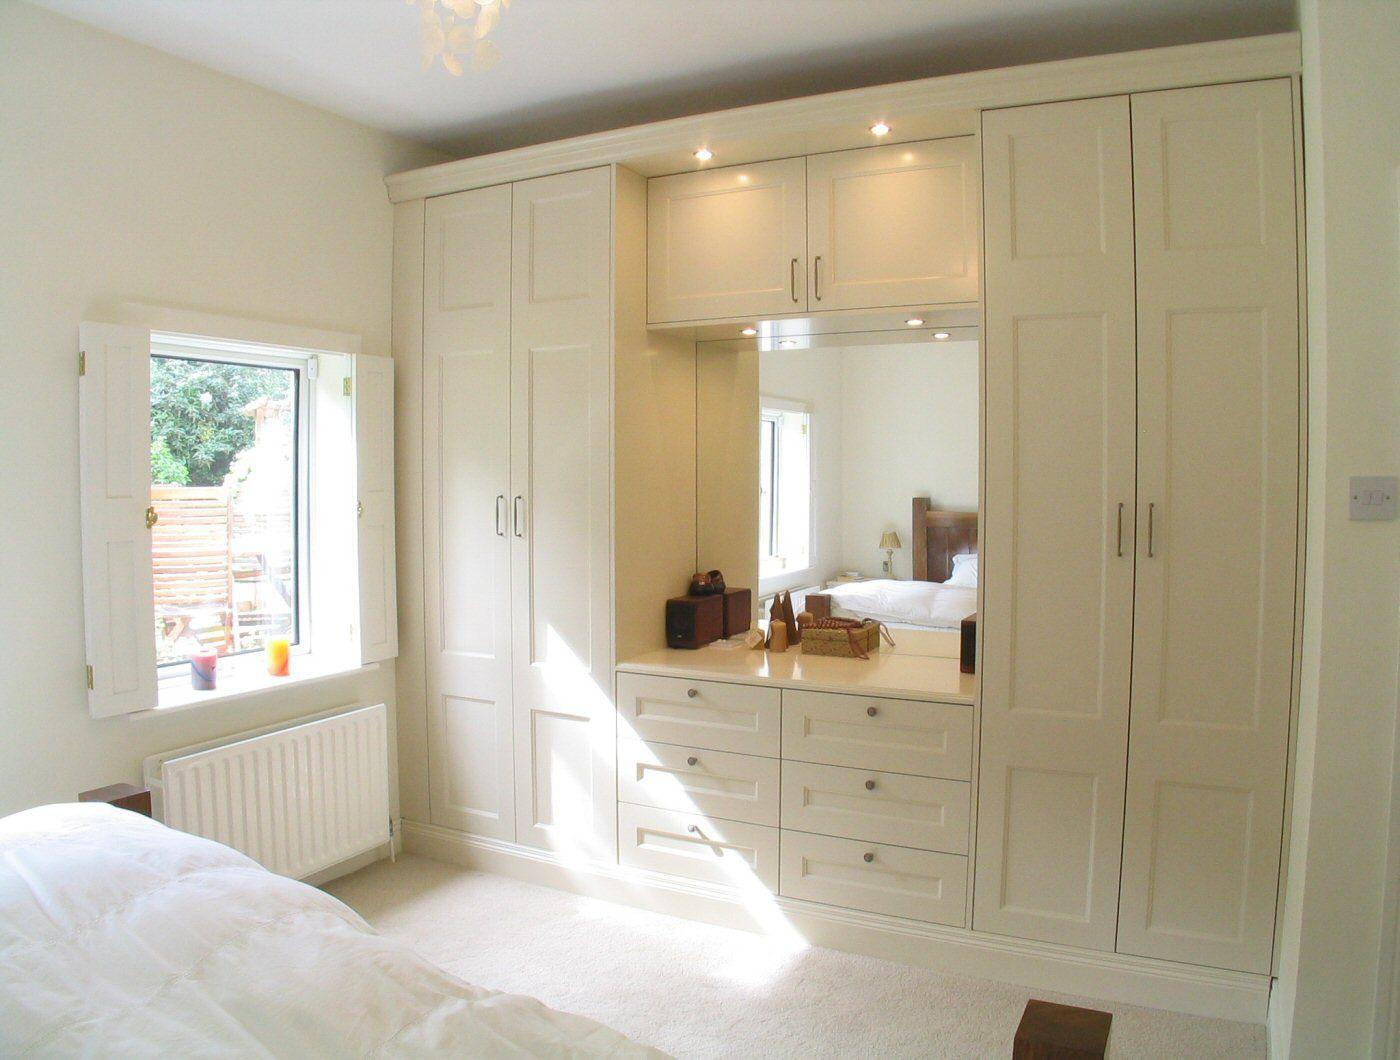 فكرة دولاب ملابس مع تسريحة المرسال Bedroom Decor Design Bedroom Closet Design Master Bedroom Wardrobe Designs